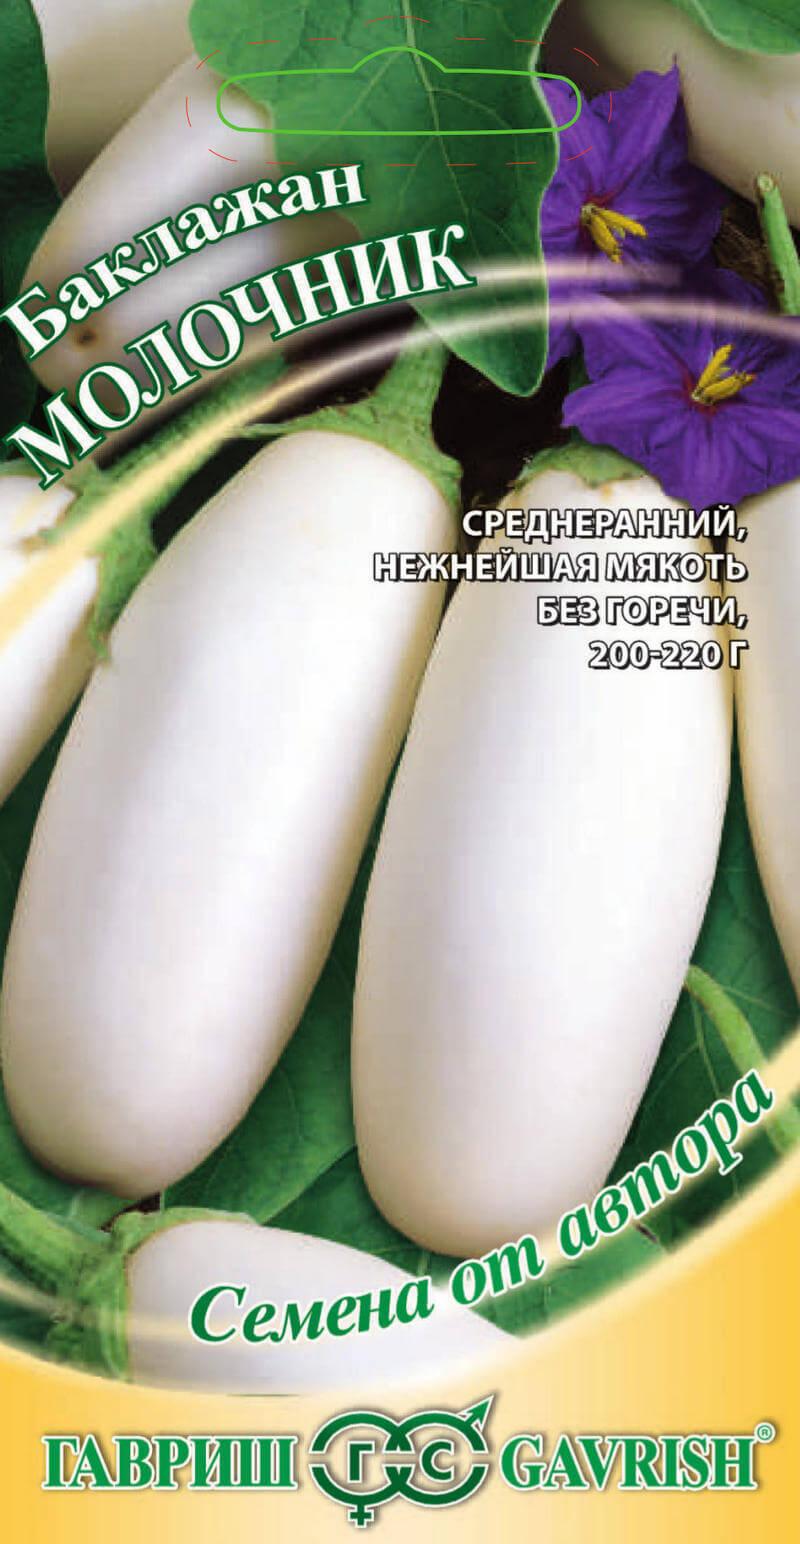 Баклажан Молочник 0,3 г автор. Н17